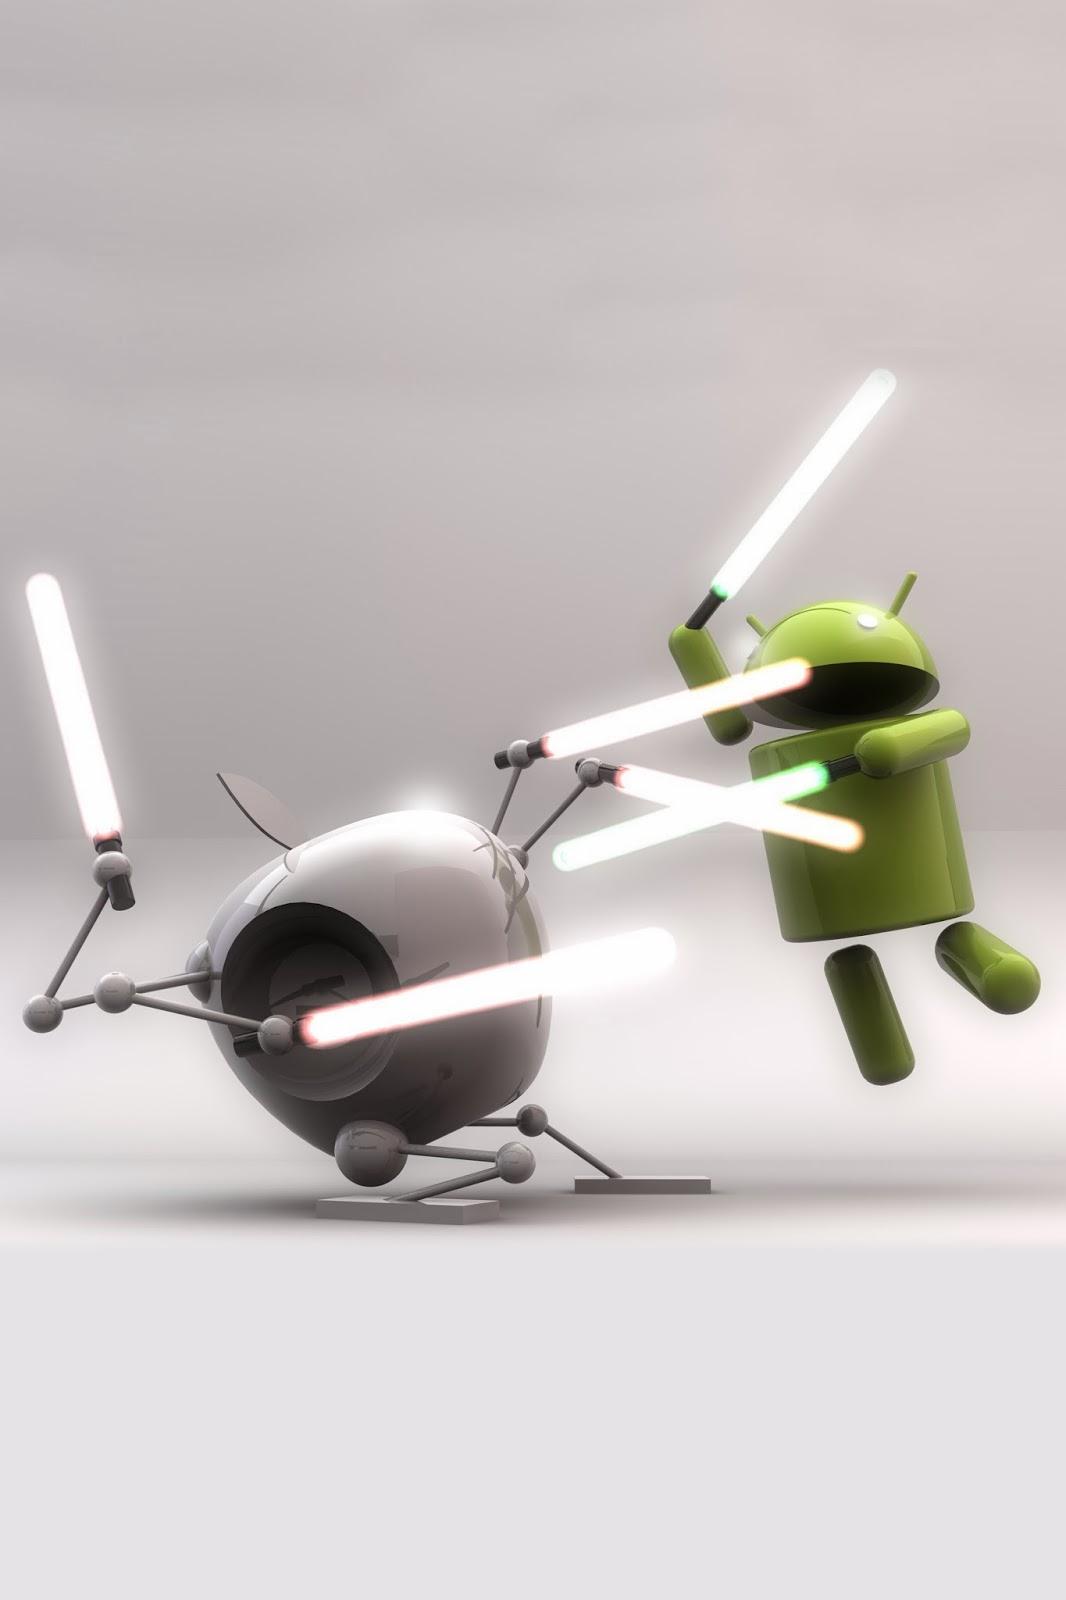 Gokil Bro Ini Lucu Abis Pake Banget Top 6 Wallpaper Android